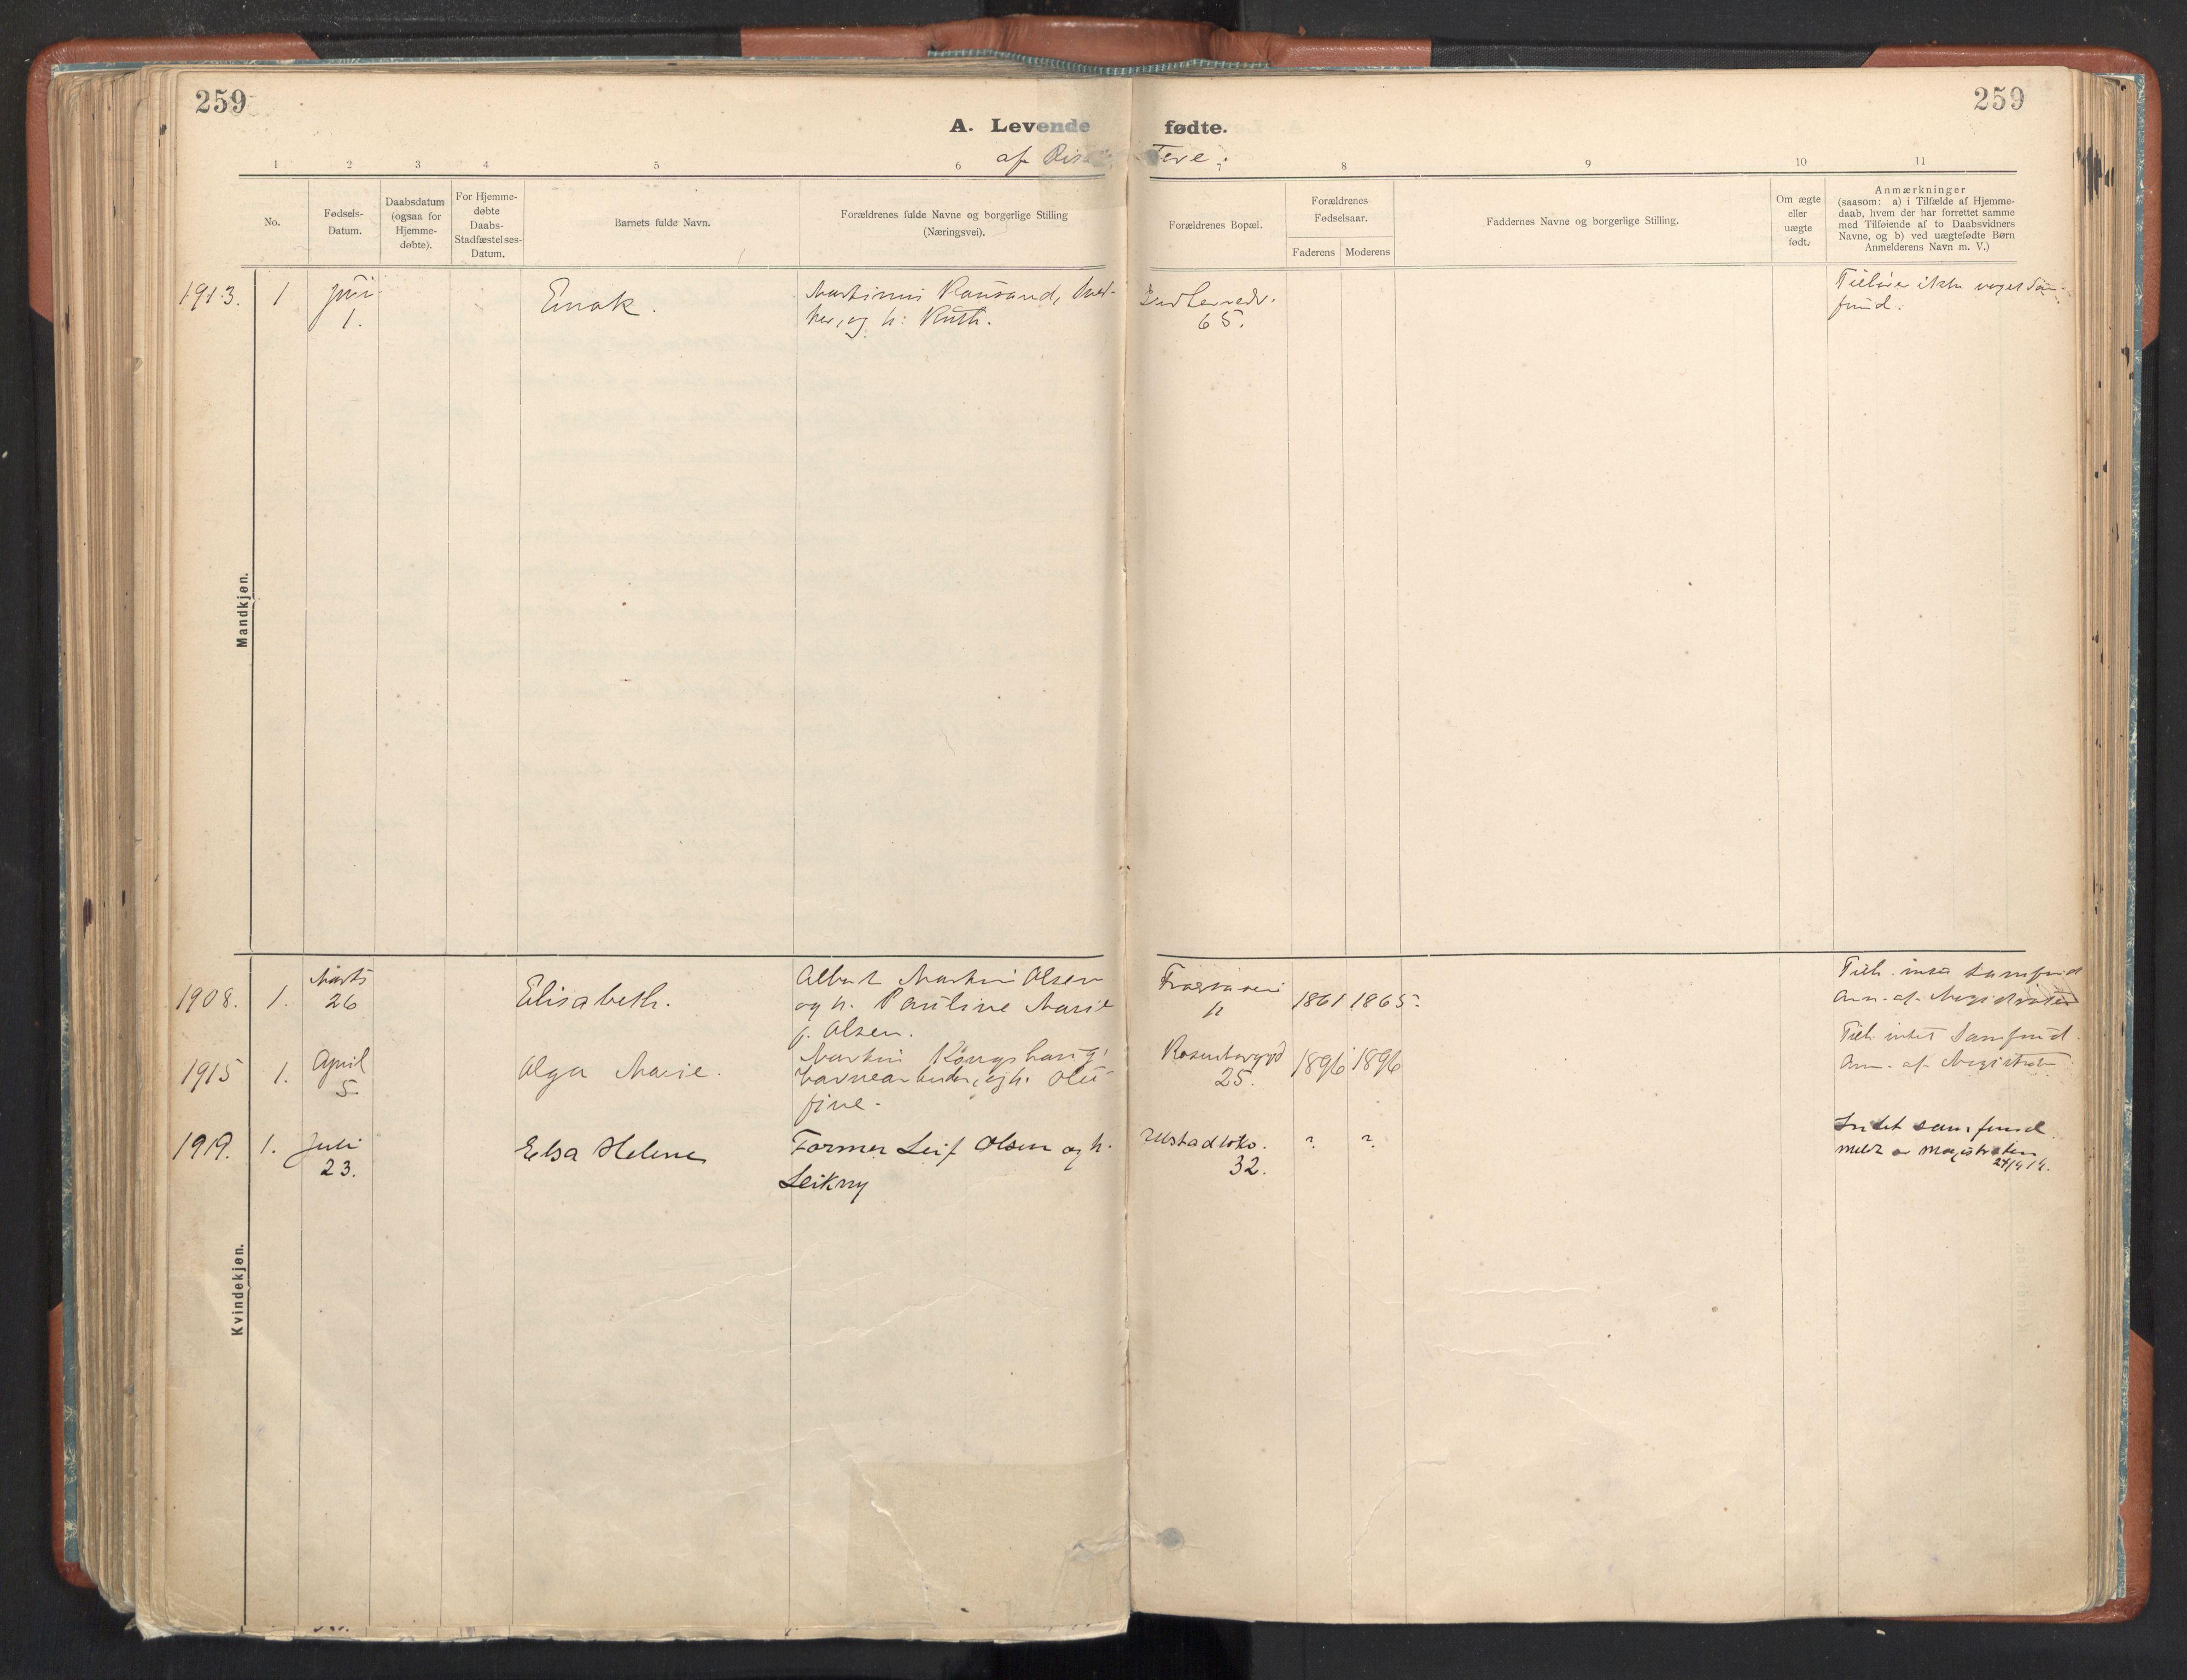 SAT, Ministerialprotokoller, klokkerbøker og fødselsregistre - Sør-Trøndelag, 605/L0243: Ministerialbok nr. 605A05, 1908-1923, s. 259